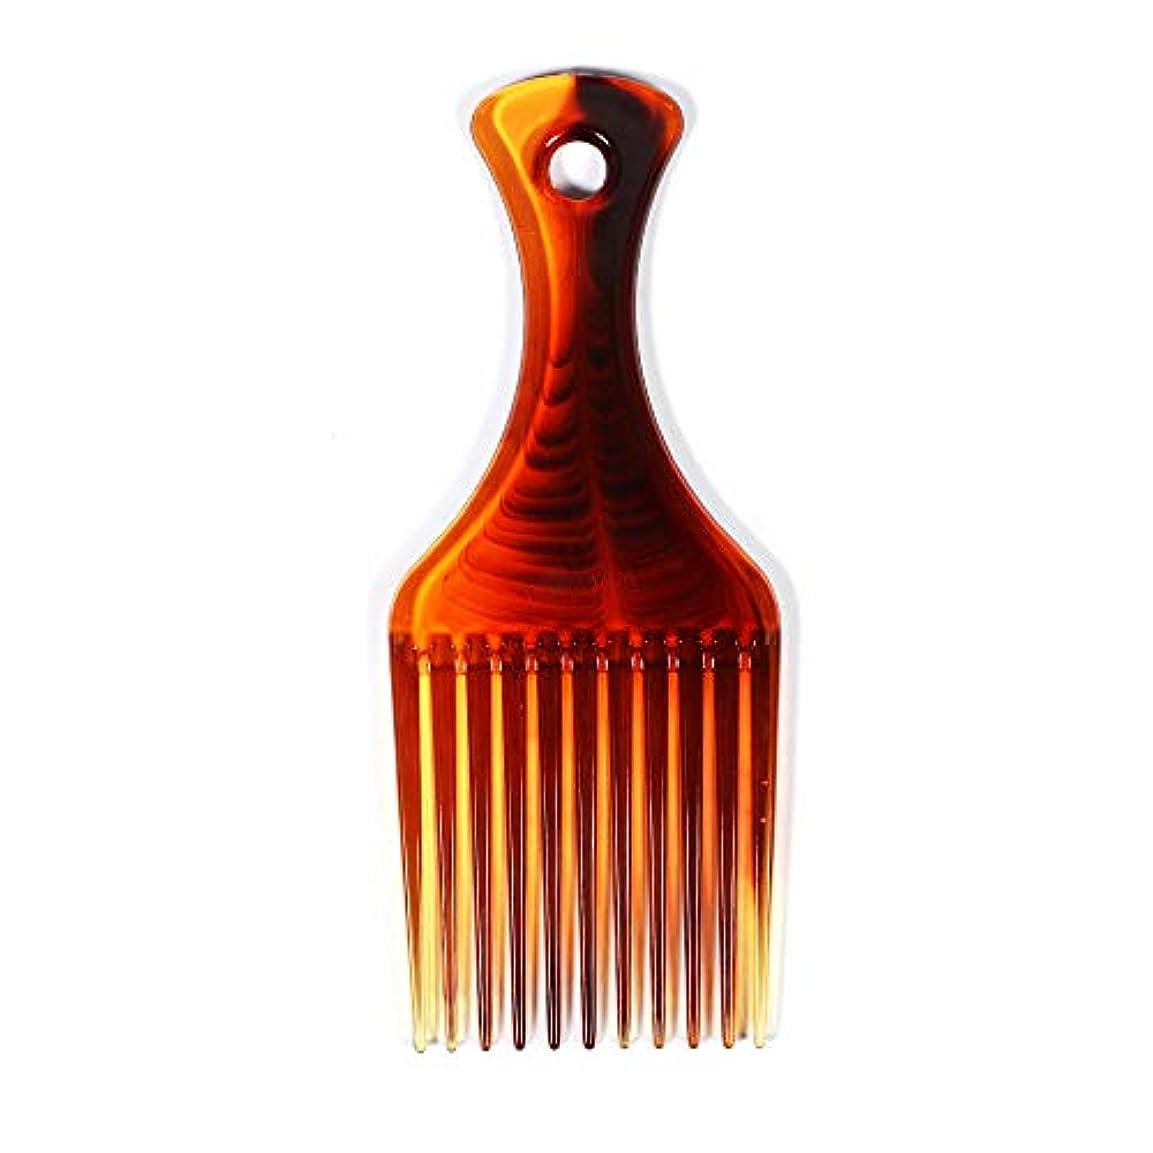 お互い残り個人SODIAL 髪用櫛 髪のフォークコーム 理髪カーリーヘアブラシ、櫛を挿入して ヘアブラシ 男性と女性のためスタイリングツール